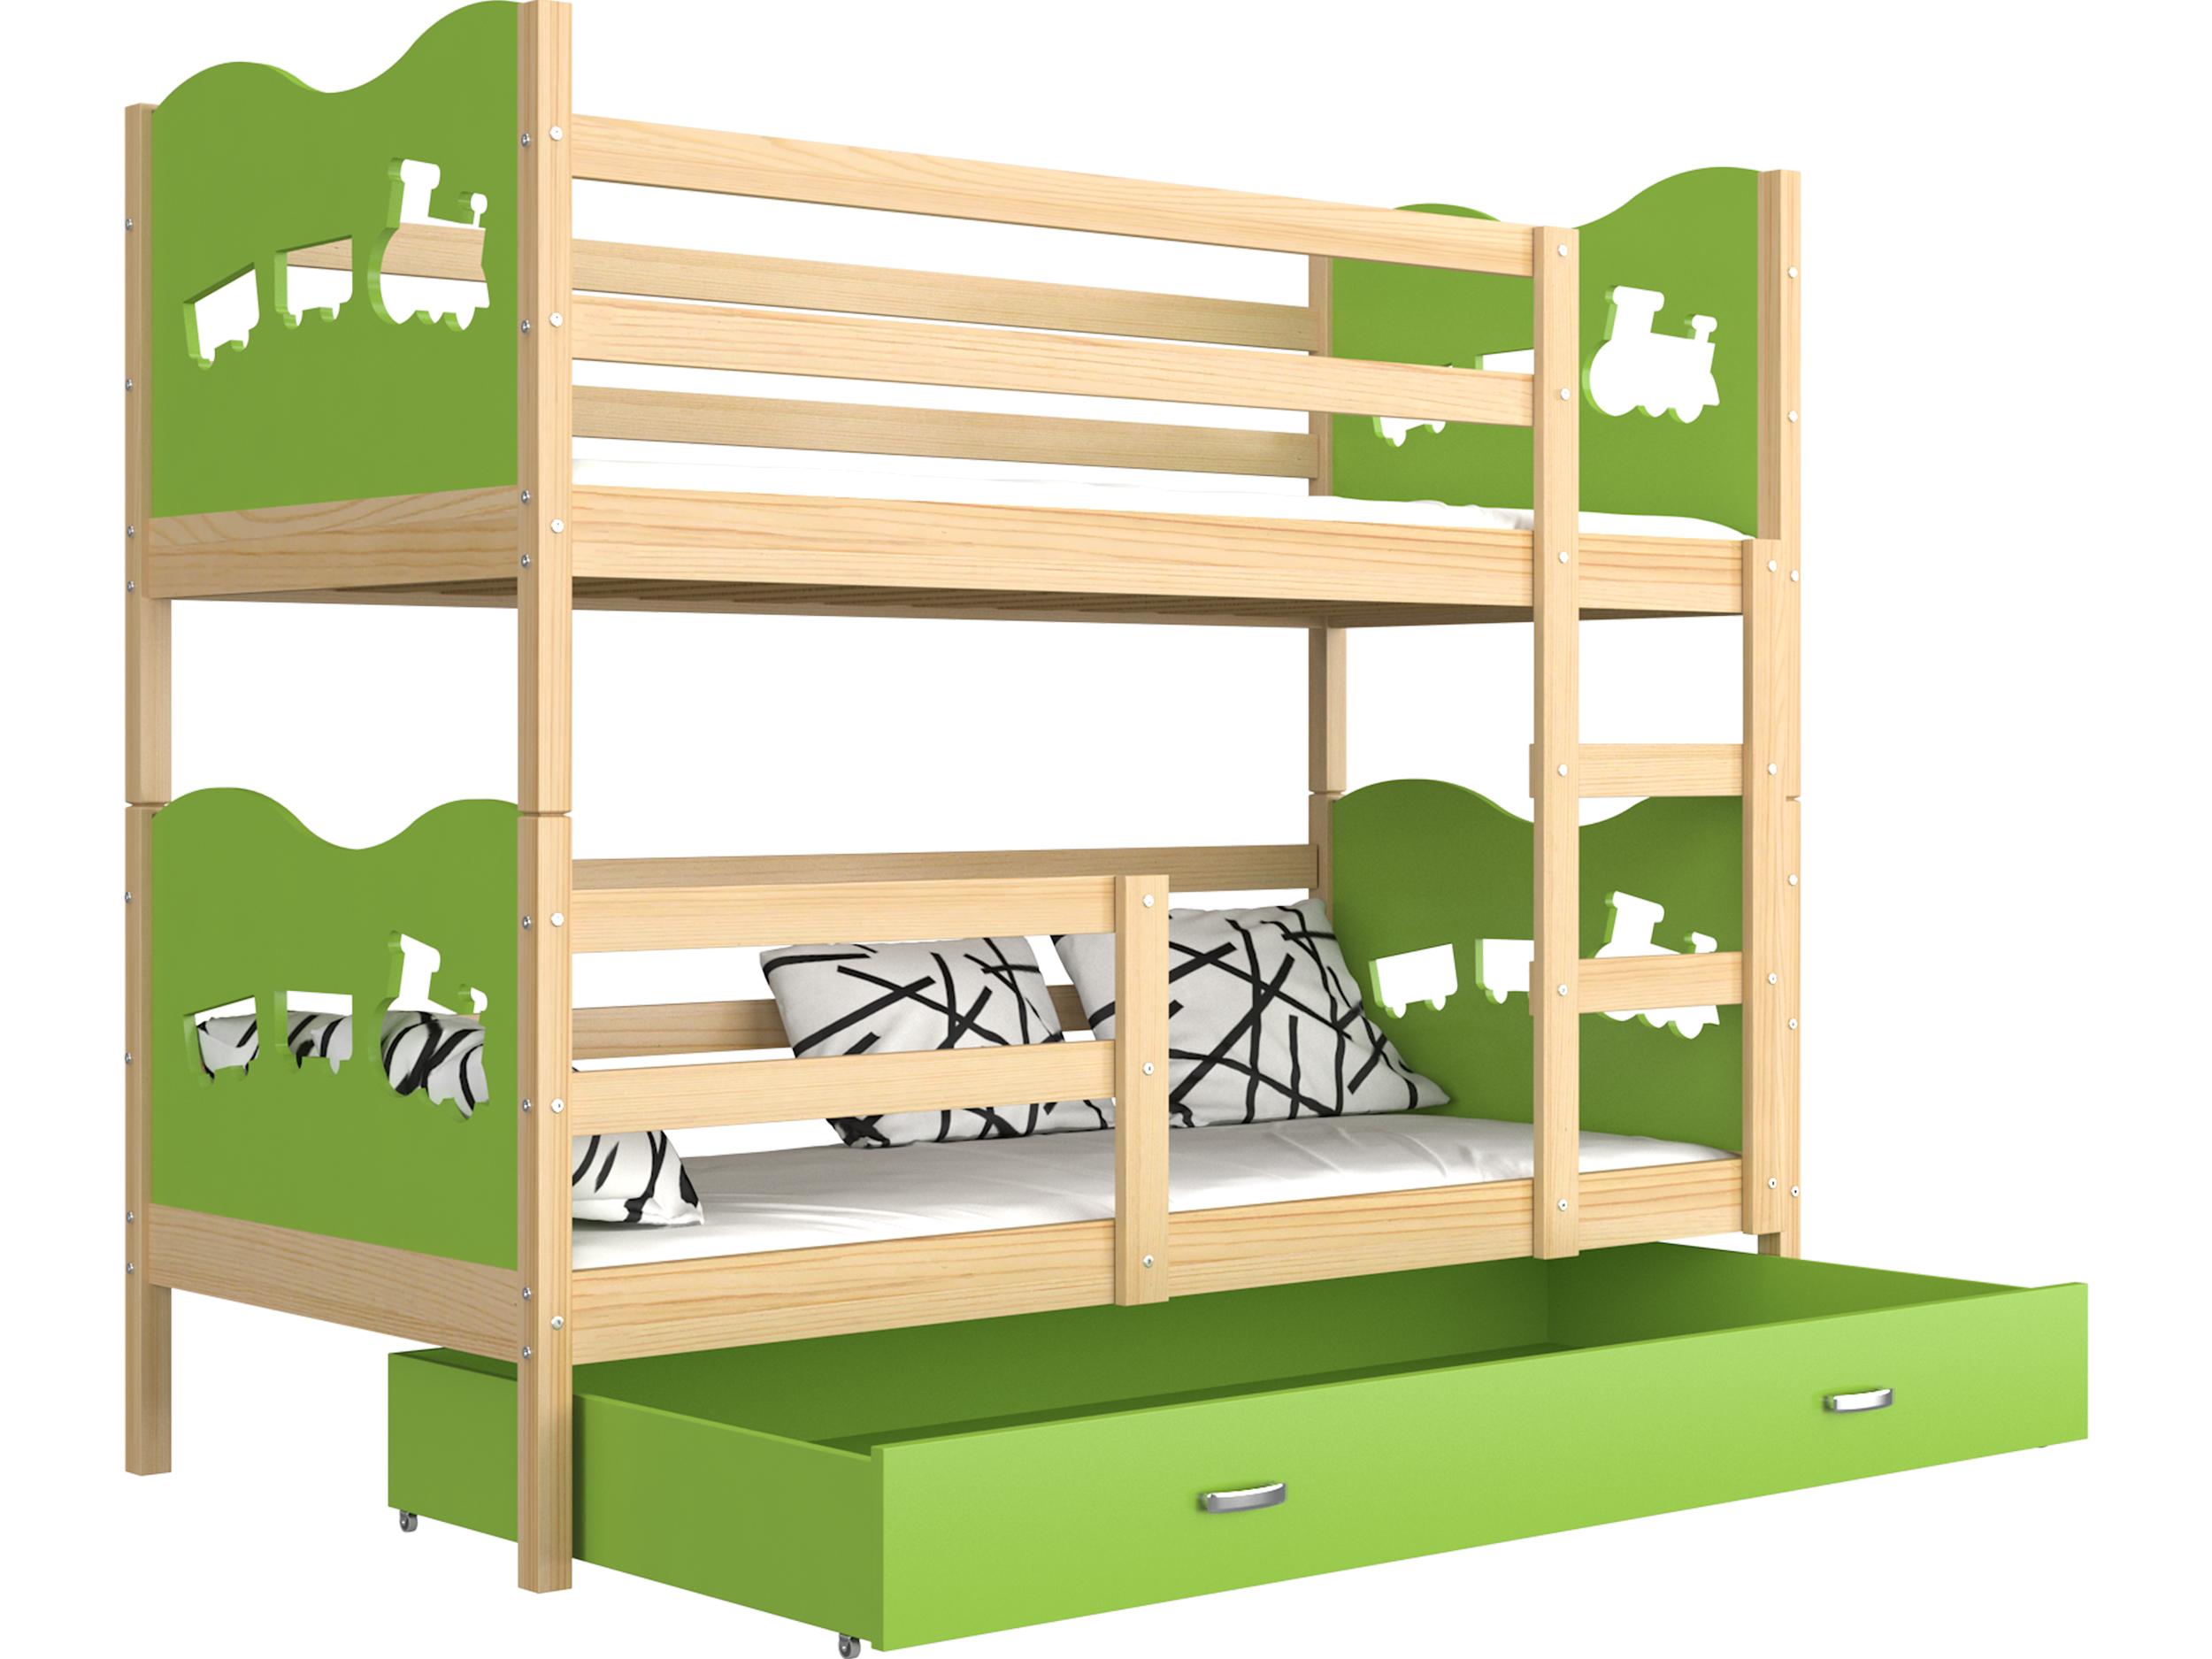 ArtAJ Detská poschodová posteľ Max drevo / MDF 160 x 80 cm Farba: Borovica / zelená 160 x 80 cm, s matracom